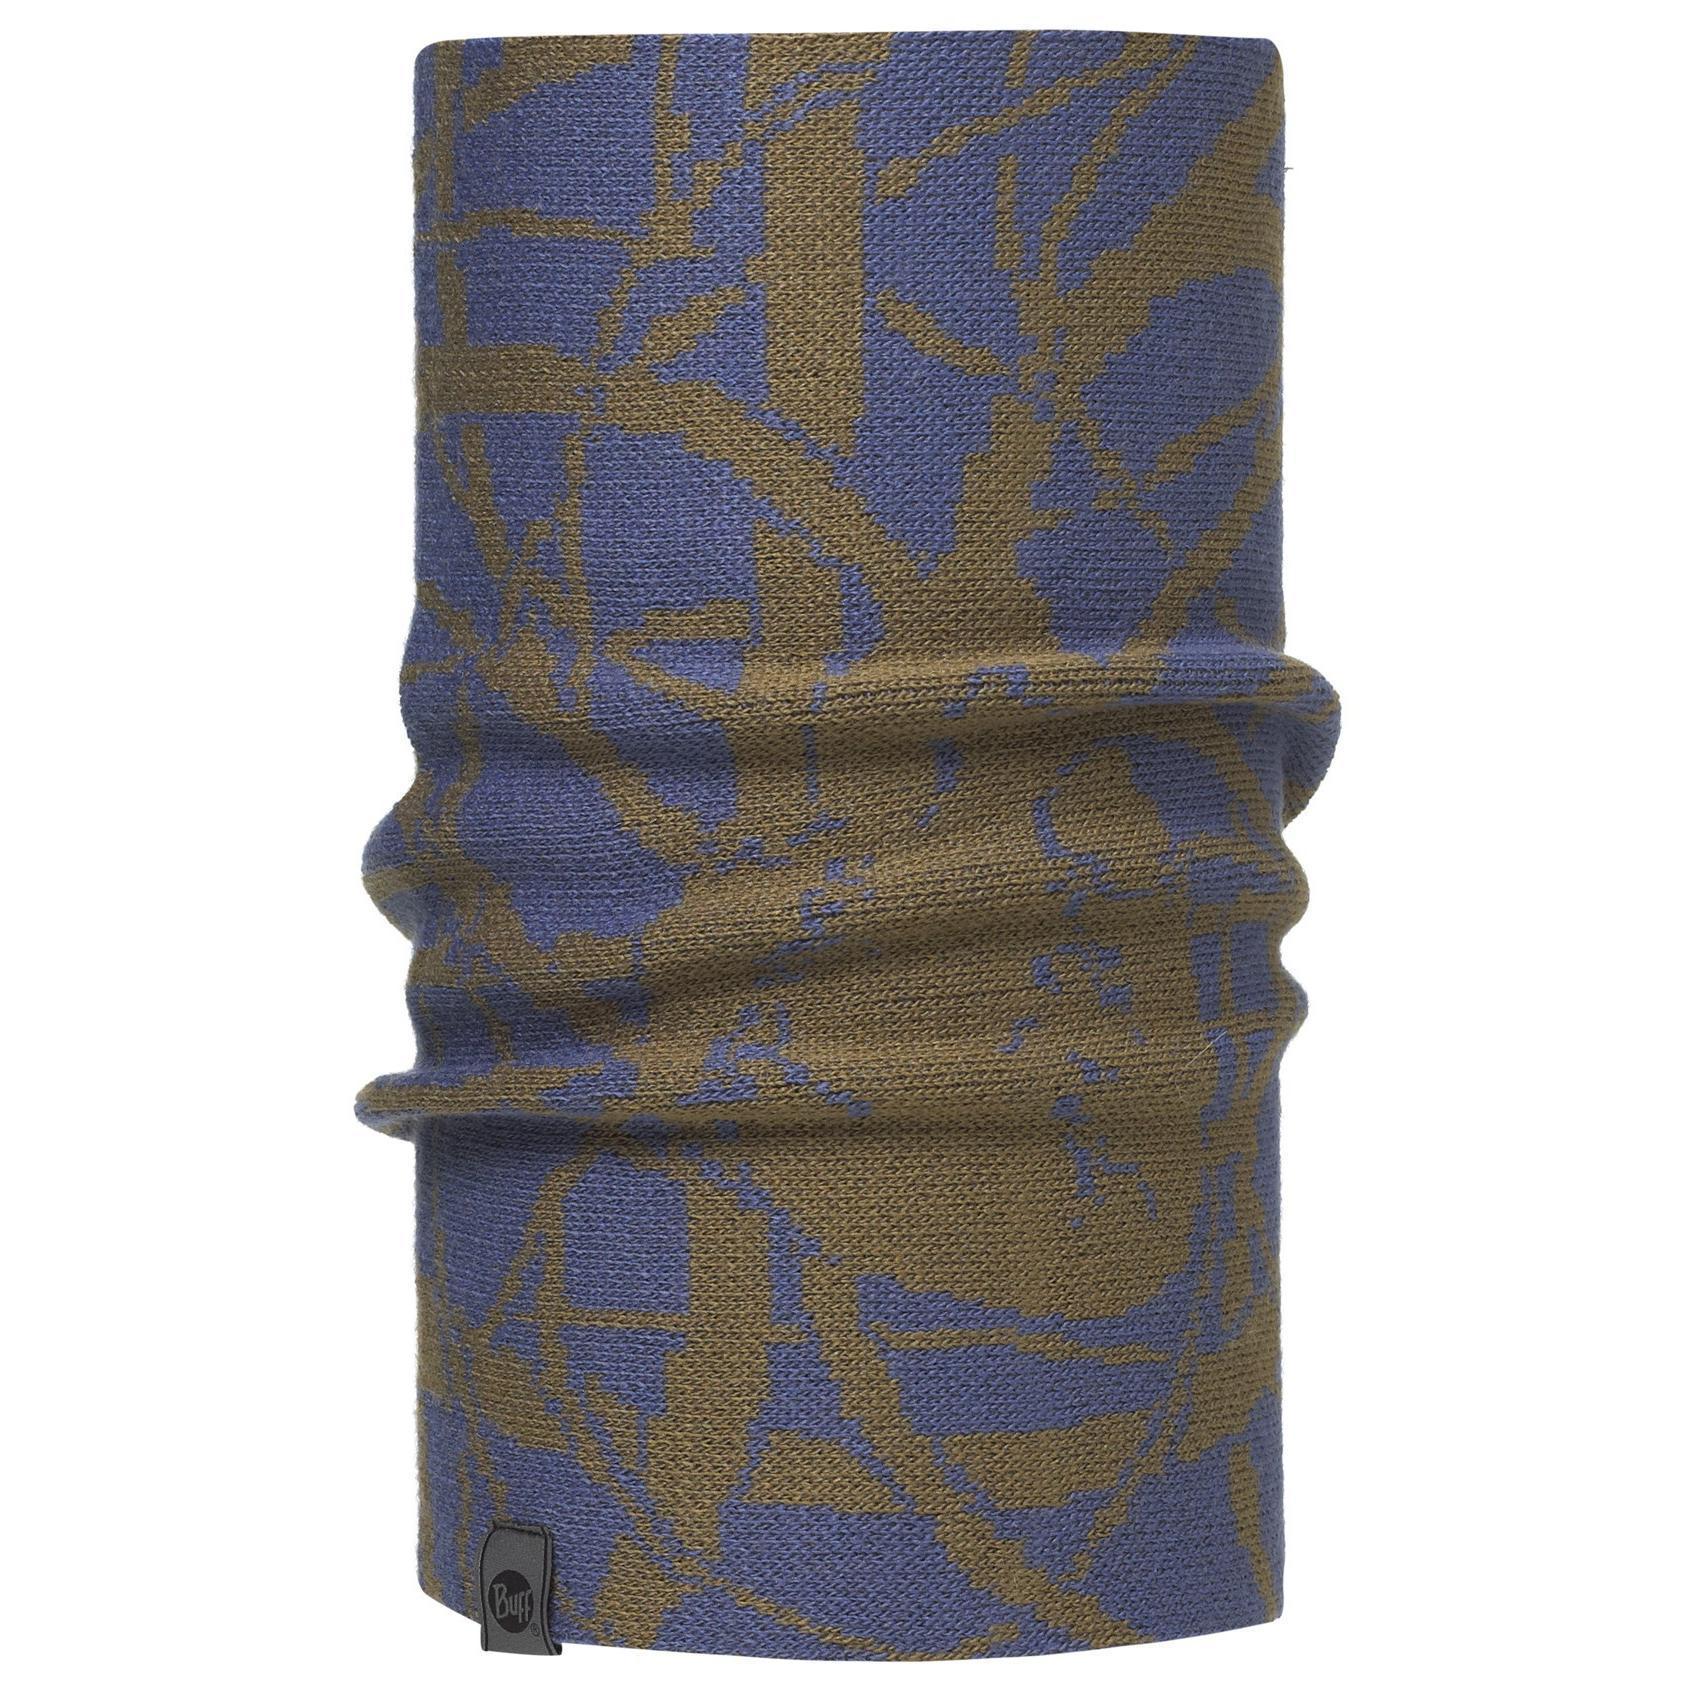 Шарф BUFF URBAN Varsity MAIDENHEAD DELFT Головные уборы, шарфы 879572  - купить со скидкой